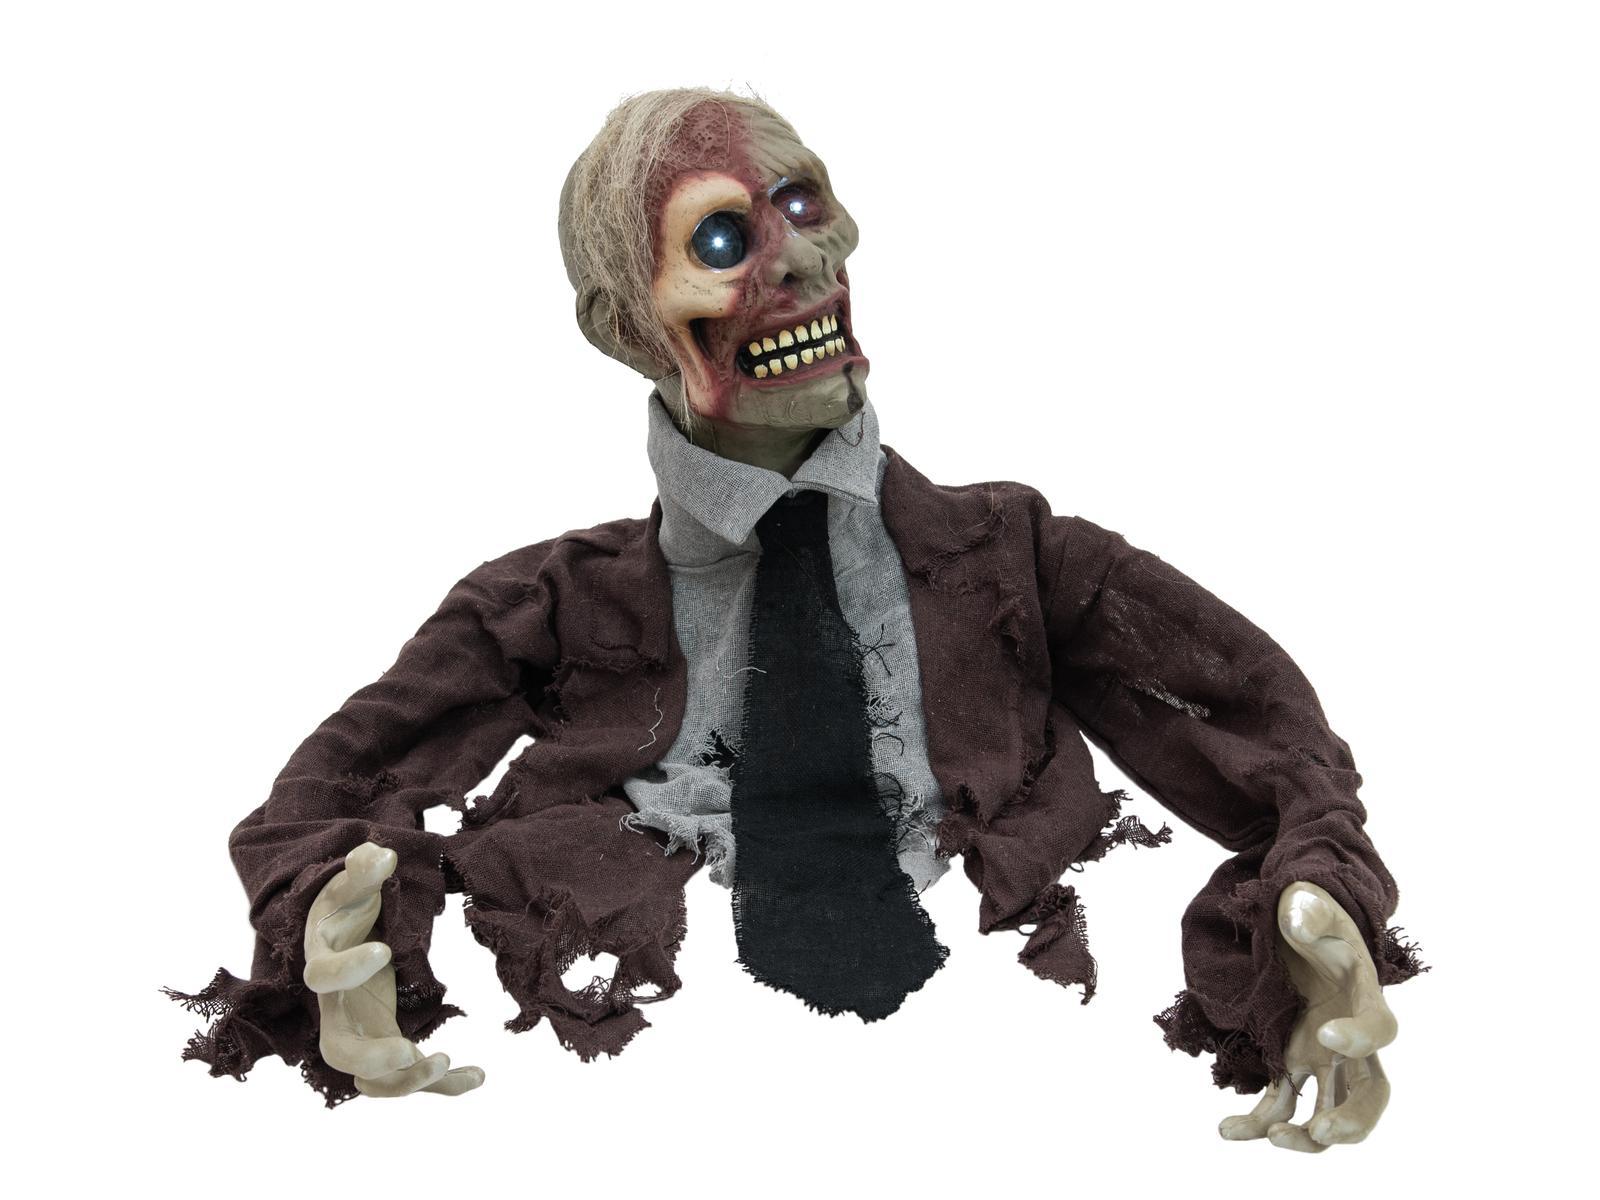 EUROPALMS busto di zombie animato per festa di halloween 40cm